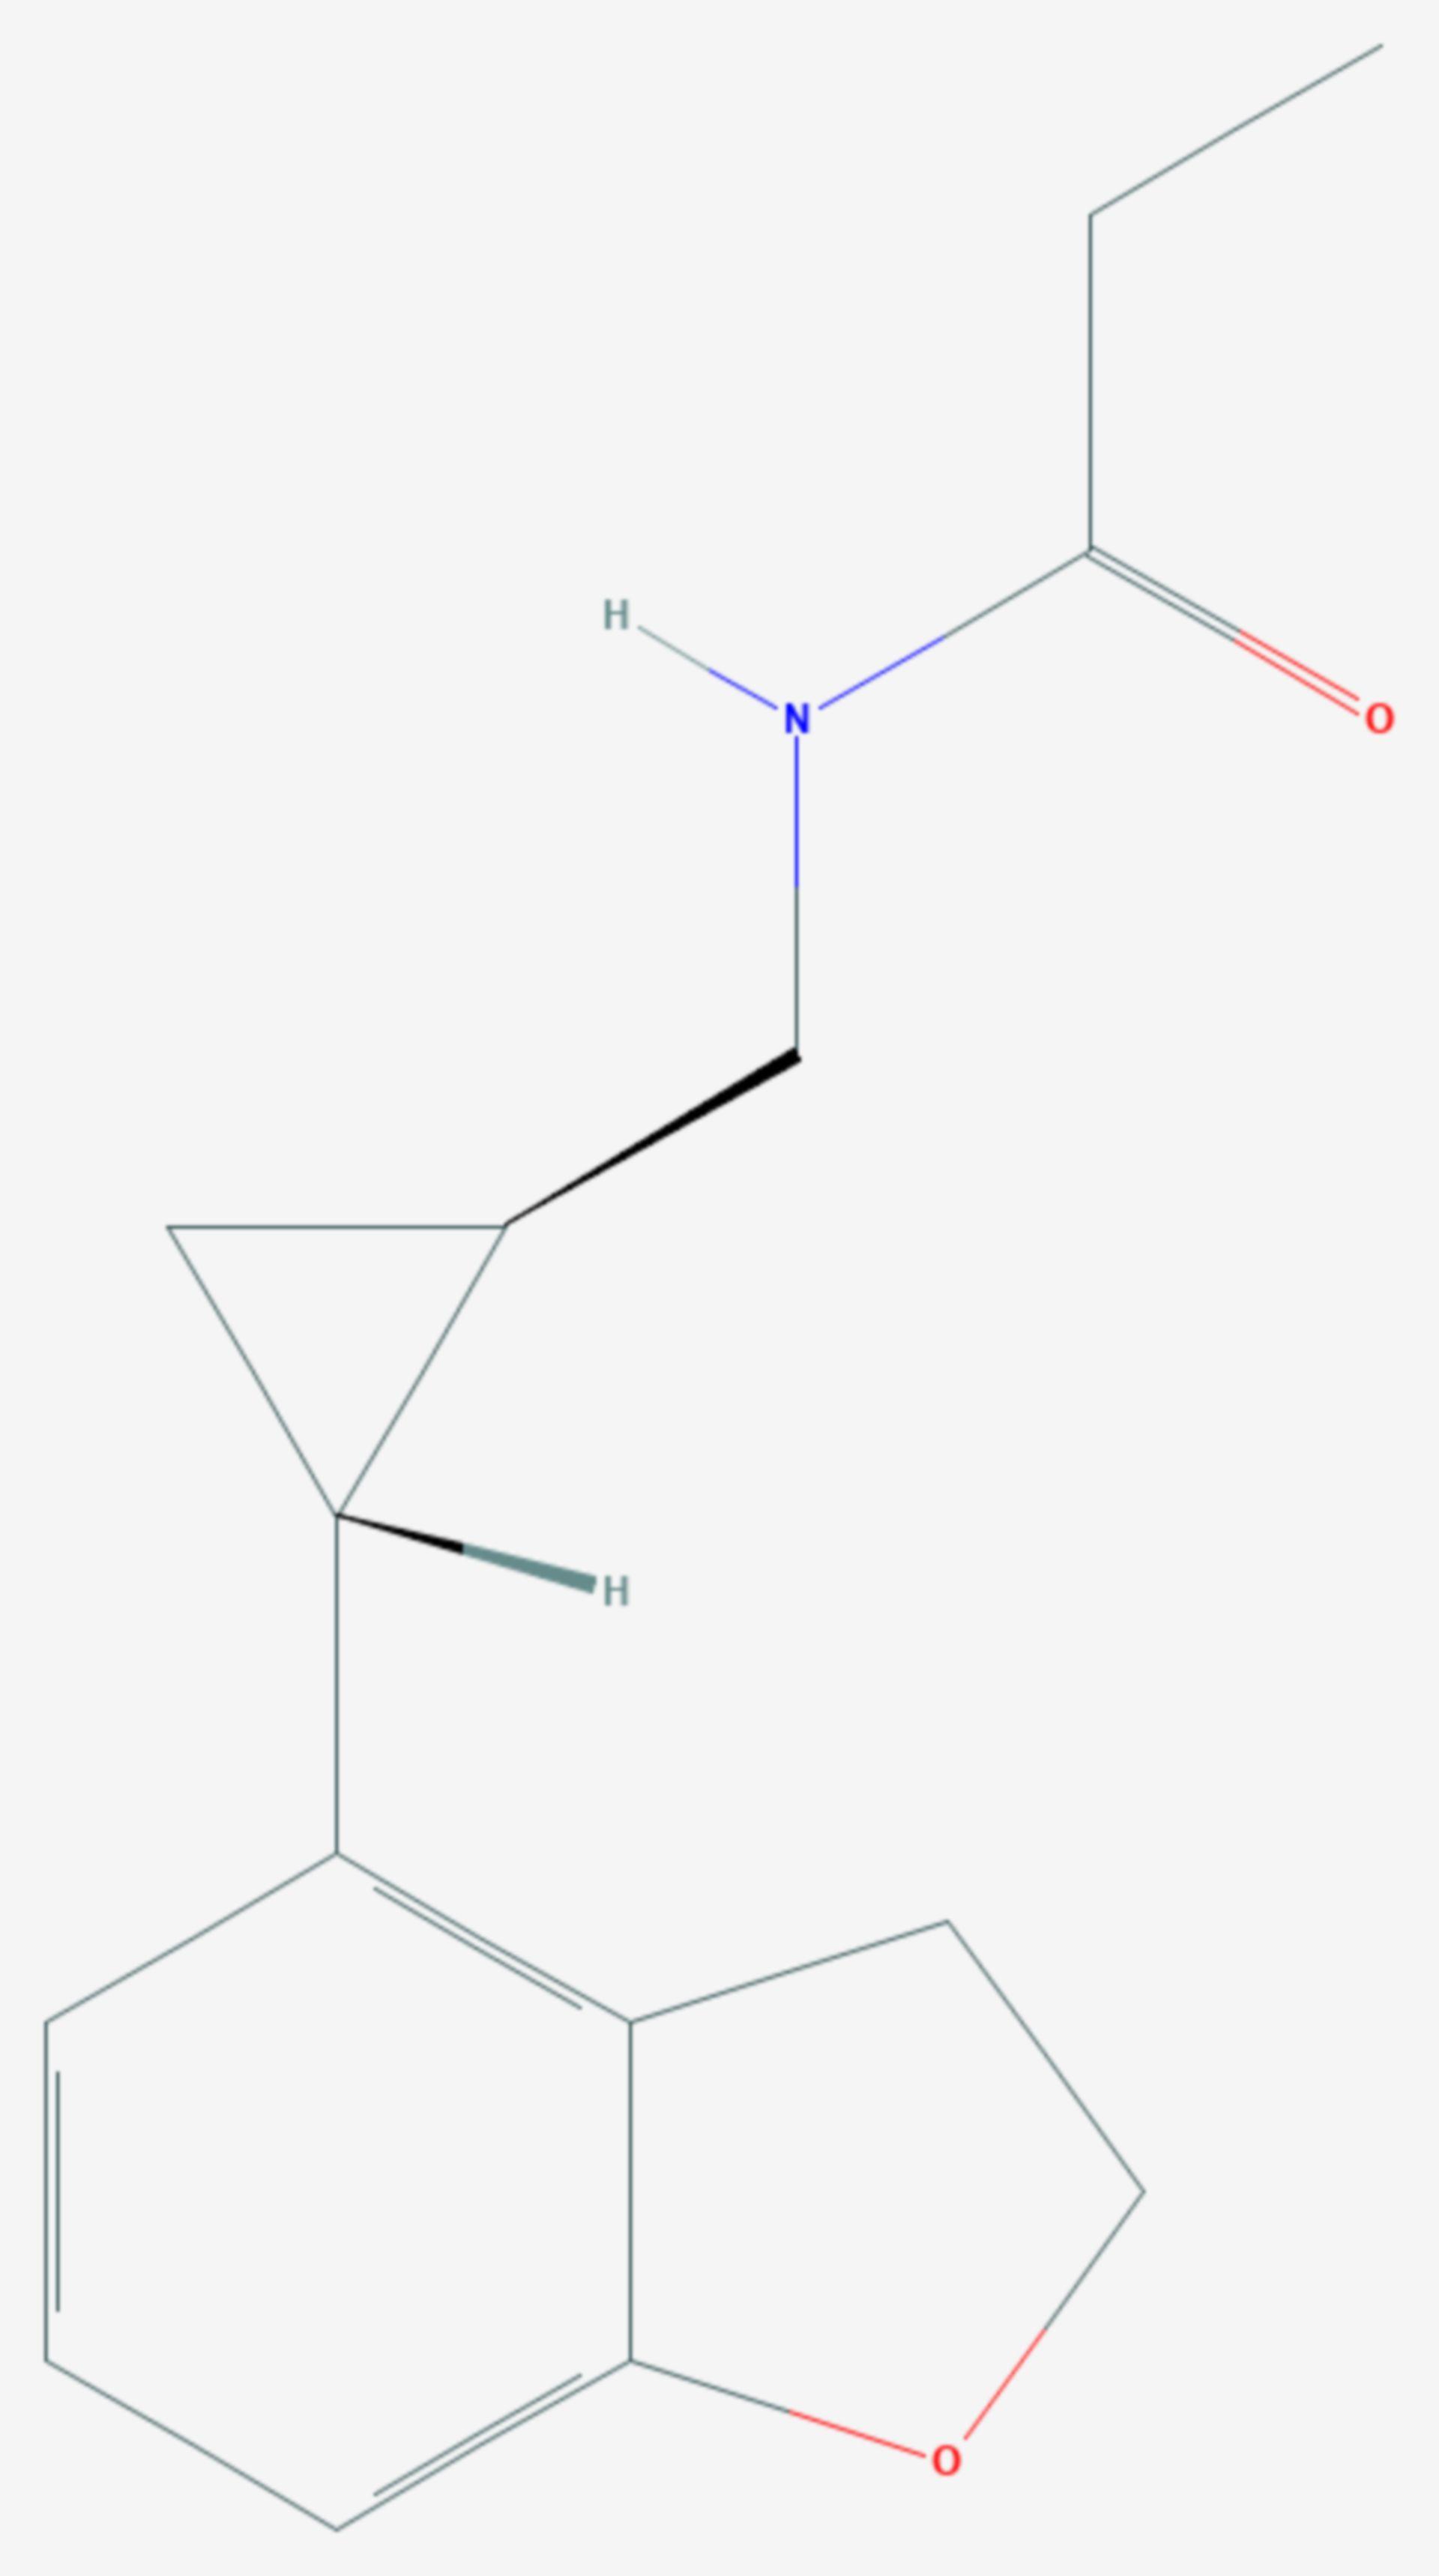 Tasimelteon (Strukturformel)